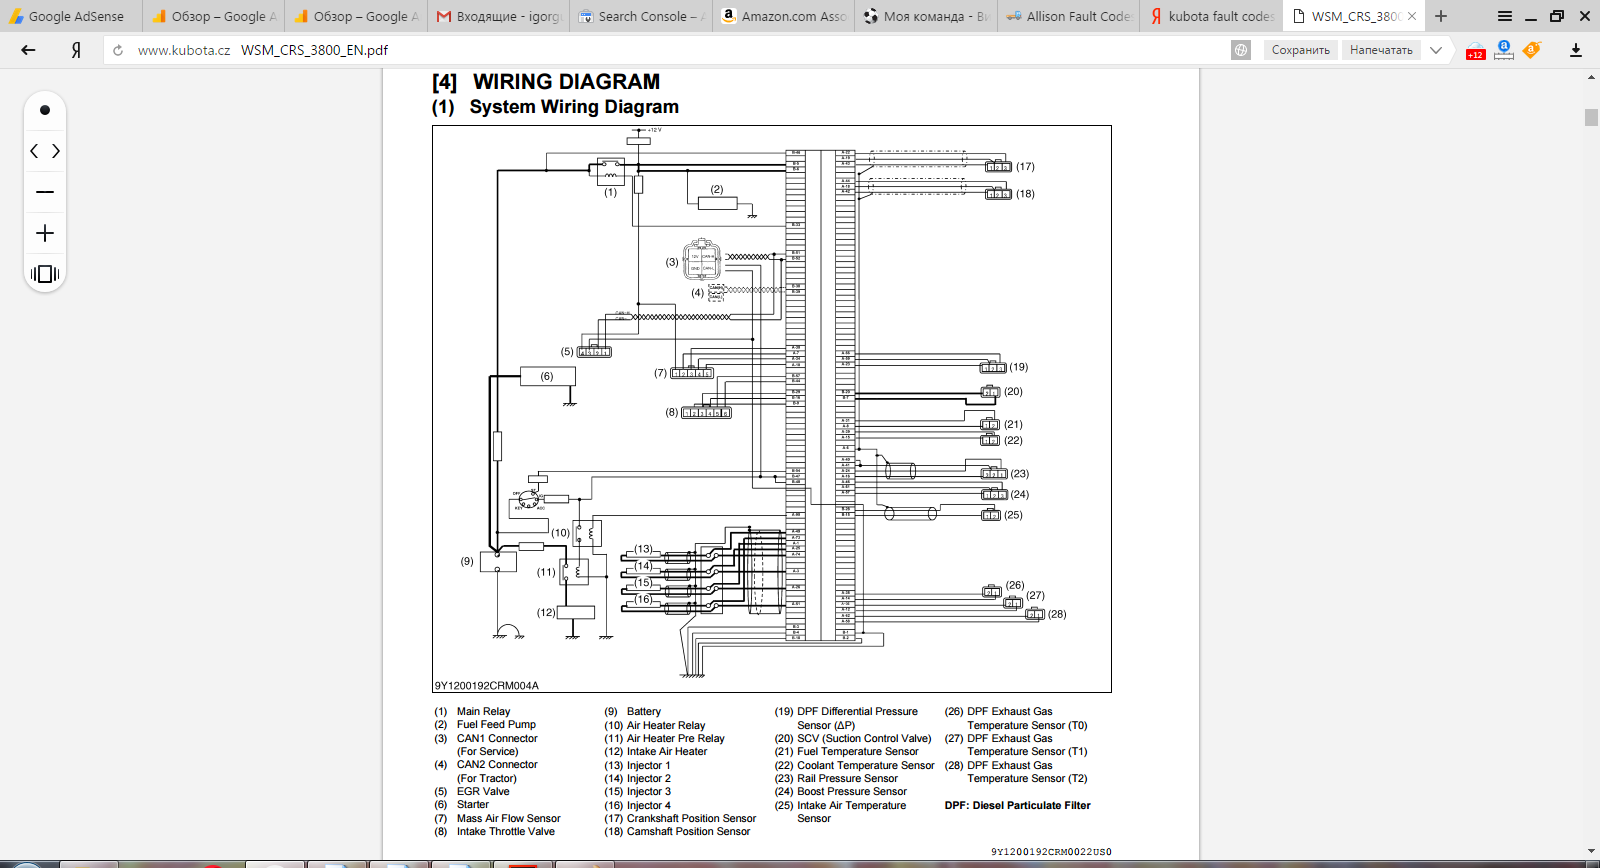 kubota wiring diagram pdf arbortech us rh arbortech us Kubota L3800 kubota b2400 electrical diagram